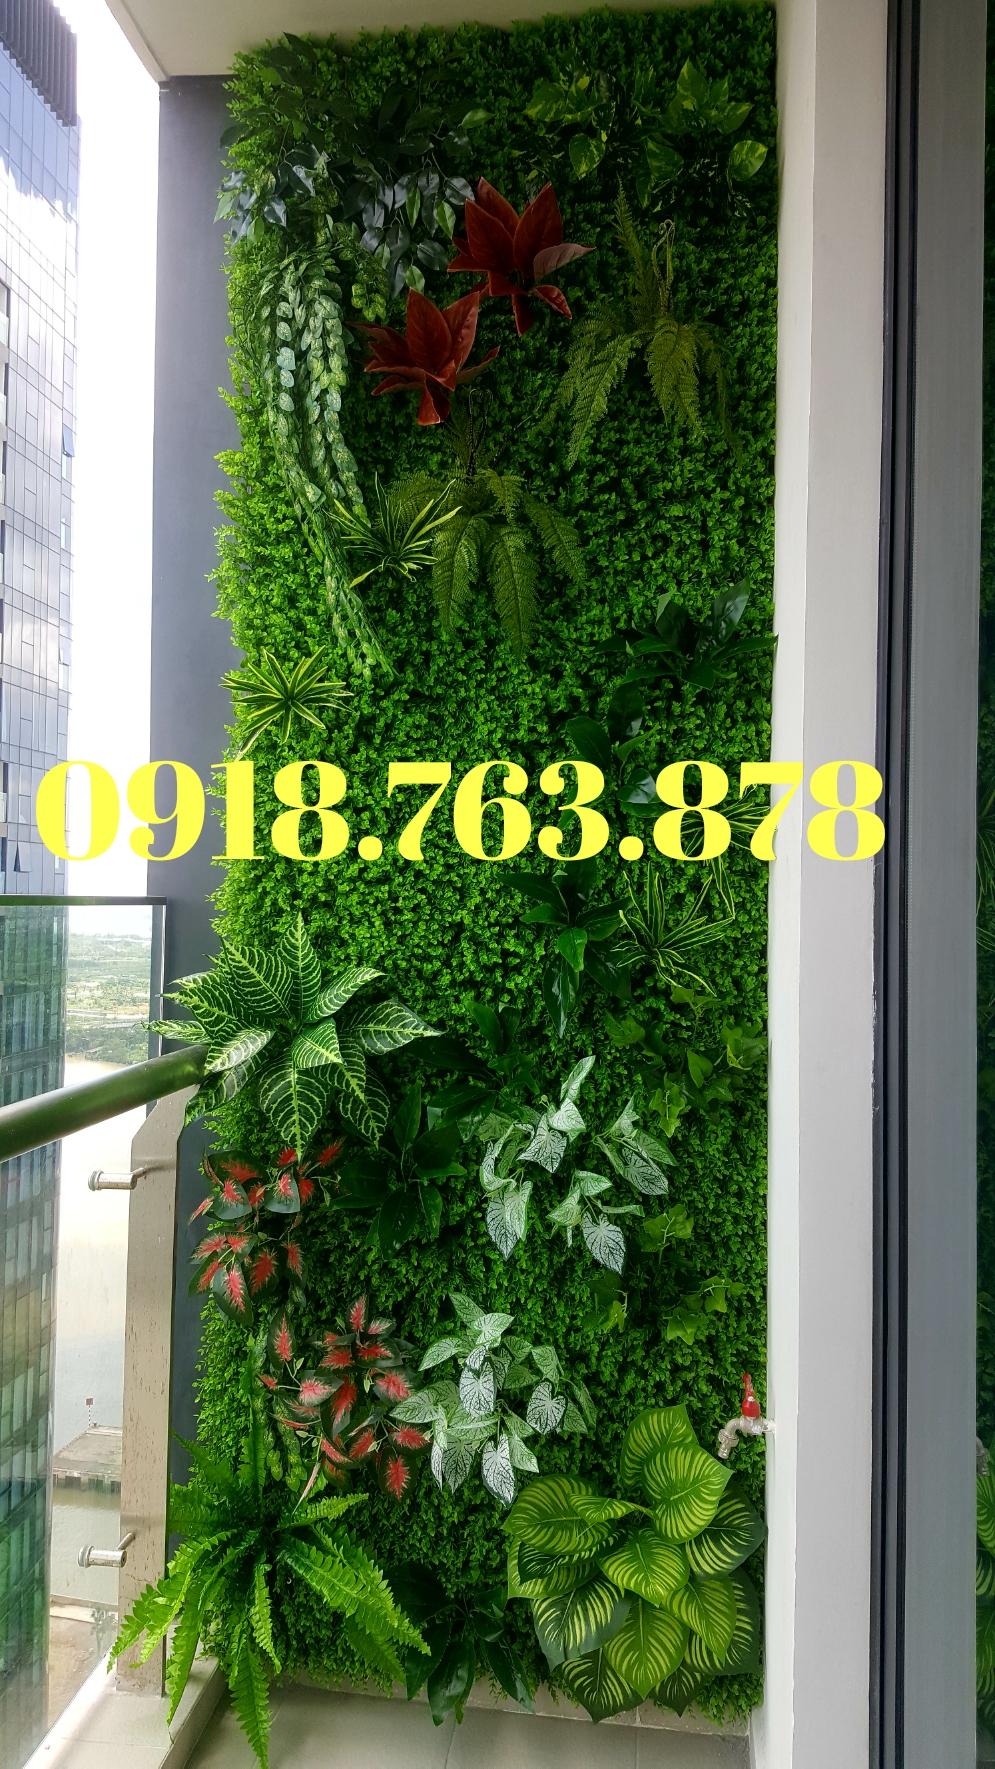 Thi công tường cây giả ở quận Tân Bình, q Tân Bình tphcm, hcm